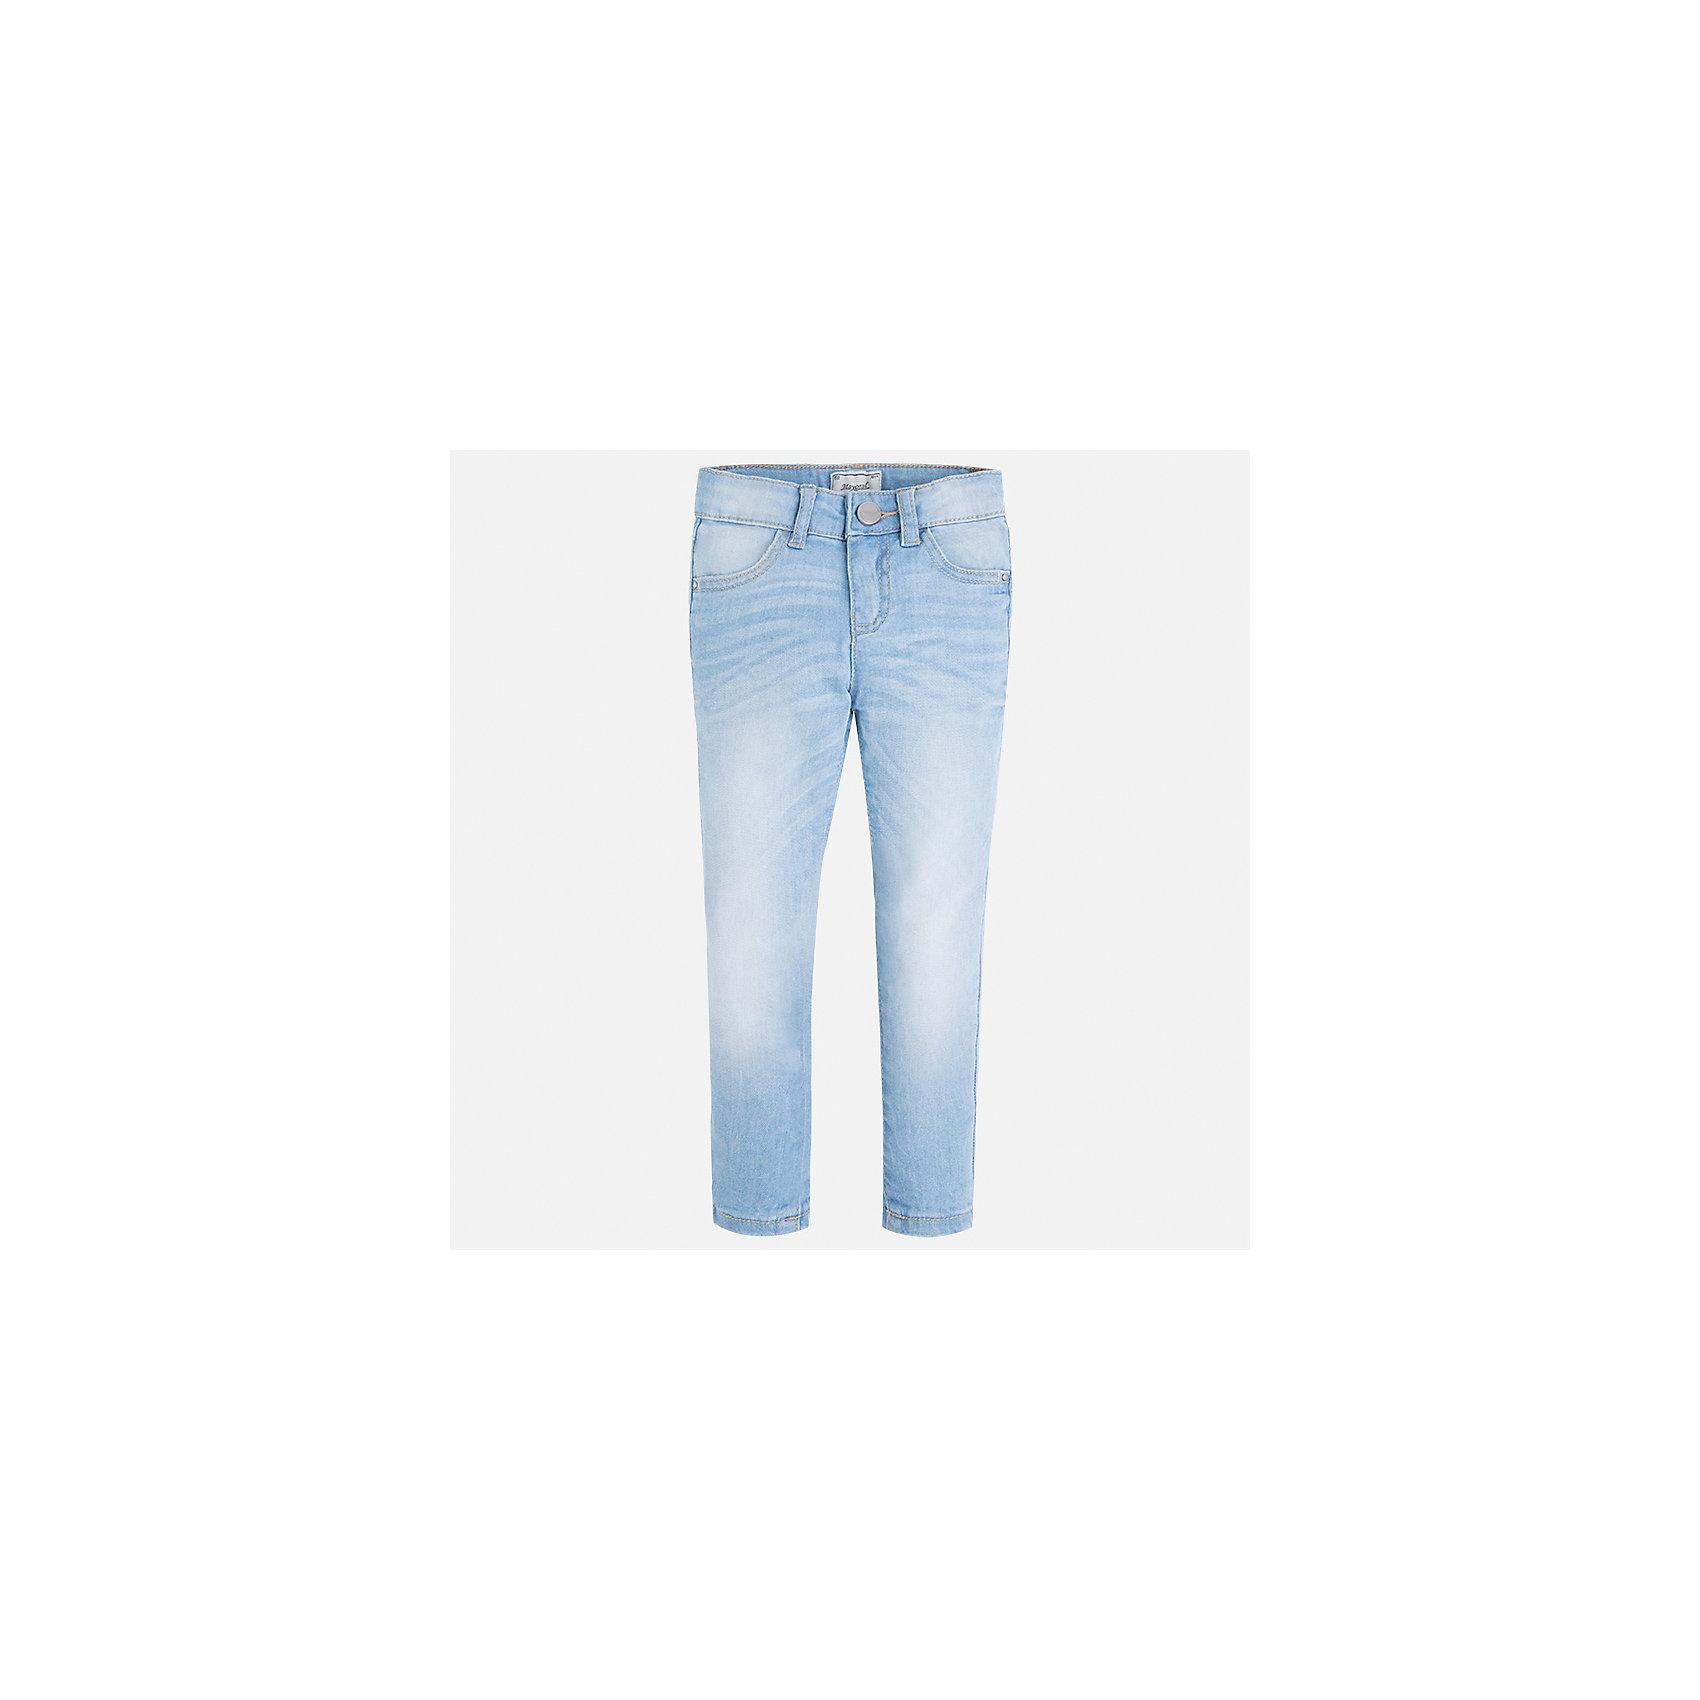 Джинсы для девочки MayoralДжинсовая одежда<br>Характеристики товара:<br><br>• цвет: голубой<br>• состав: 98% хлопок, 2% эластан<br>• эффект потертости<br>• карманы<br>• пояс с регулировкой объема<br>• шлевки<br>• страна бренда: Испания<br><br>Стильные джинсы для девочки смогут разнообразить гардероб ребенка и украсить наряд. Они отлично сочетаются с майками, футболками, блузками. Красивый оттенок позволяет подобрать к вещи верх разных расцветок. Интересный крой модели делает её нарядной и оригинальной. В составе материала - натуральный хлопок, гипоаллергенный, приятный на ощупь, дышащий.<br><br>Одежда, обувь и аксессуары от испанского бренда Mayoral полюбились детям и взрослым по всему миру. Модели этой марки - стильные и удобные. Для их производства используются только безопасные, качественные материалы и фурнитура. Порадуйте ребенка модными и красивыми вещами от Mayoral! <br><br>Джинсы для девочки от испанского бренда Mayoral (Майорал) можно купить в нашем интернет-магазине.<br><br>Ширина мм: 215<br>Глубина мм: 88<br>Высота мм: 191<br>Вес г: 336<br>Цвет: синий<br>Возраст от месяцев: 96<br>Возраст до месяцев: 108<br>Пол: Женский<br>Возраст: Детский<br>Размер: 134,92,98,104,110,116,122,128<br>SKU: 5288497